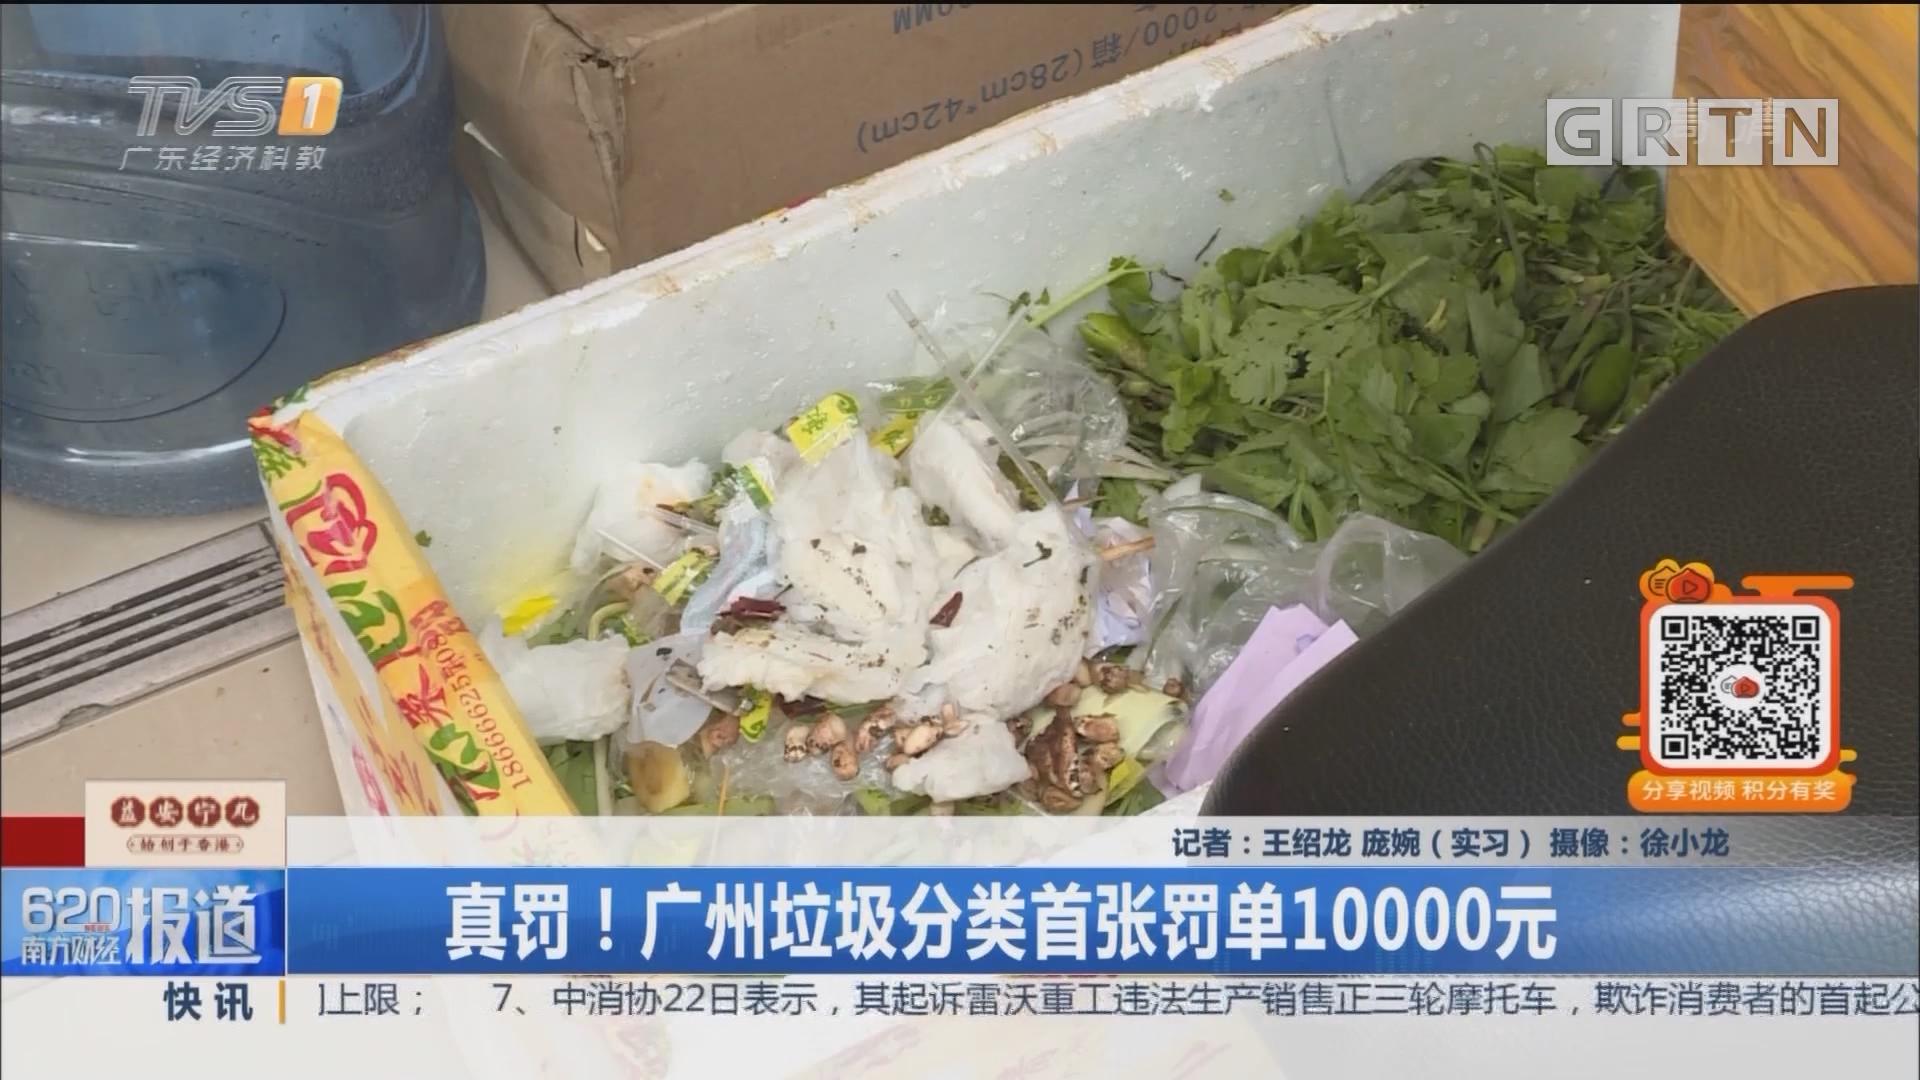 真罚!广州垃圾分类首张罚单10000元